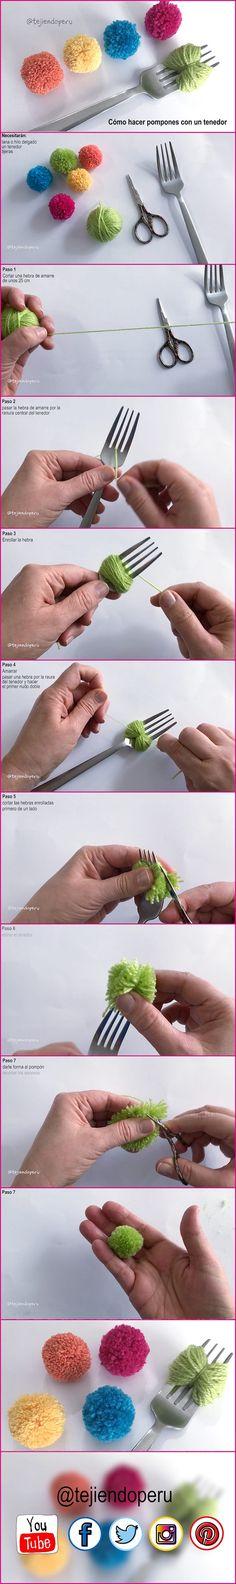 Cómo hacer un pompón con un tenedor: video del paso a paso